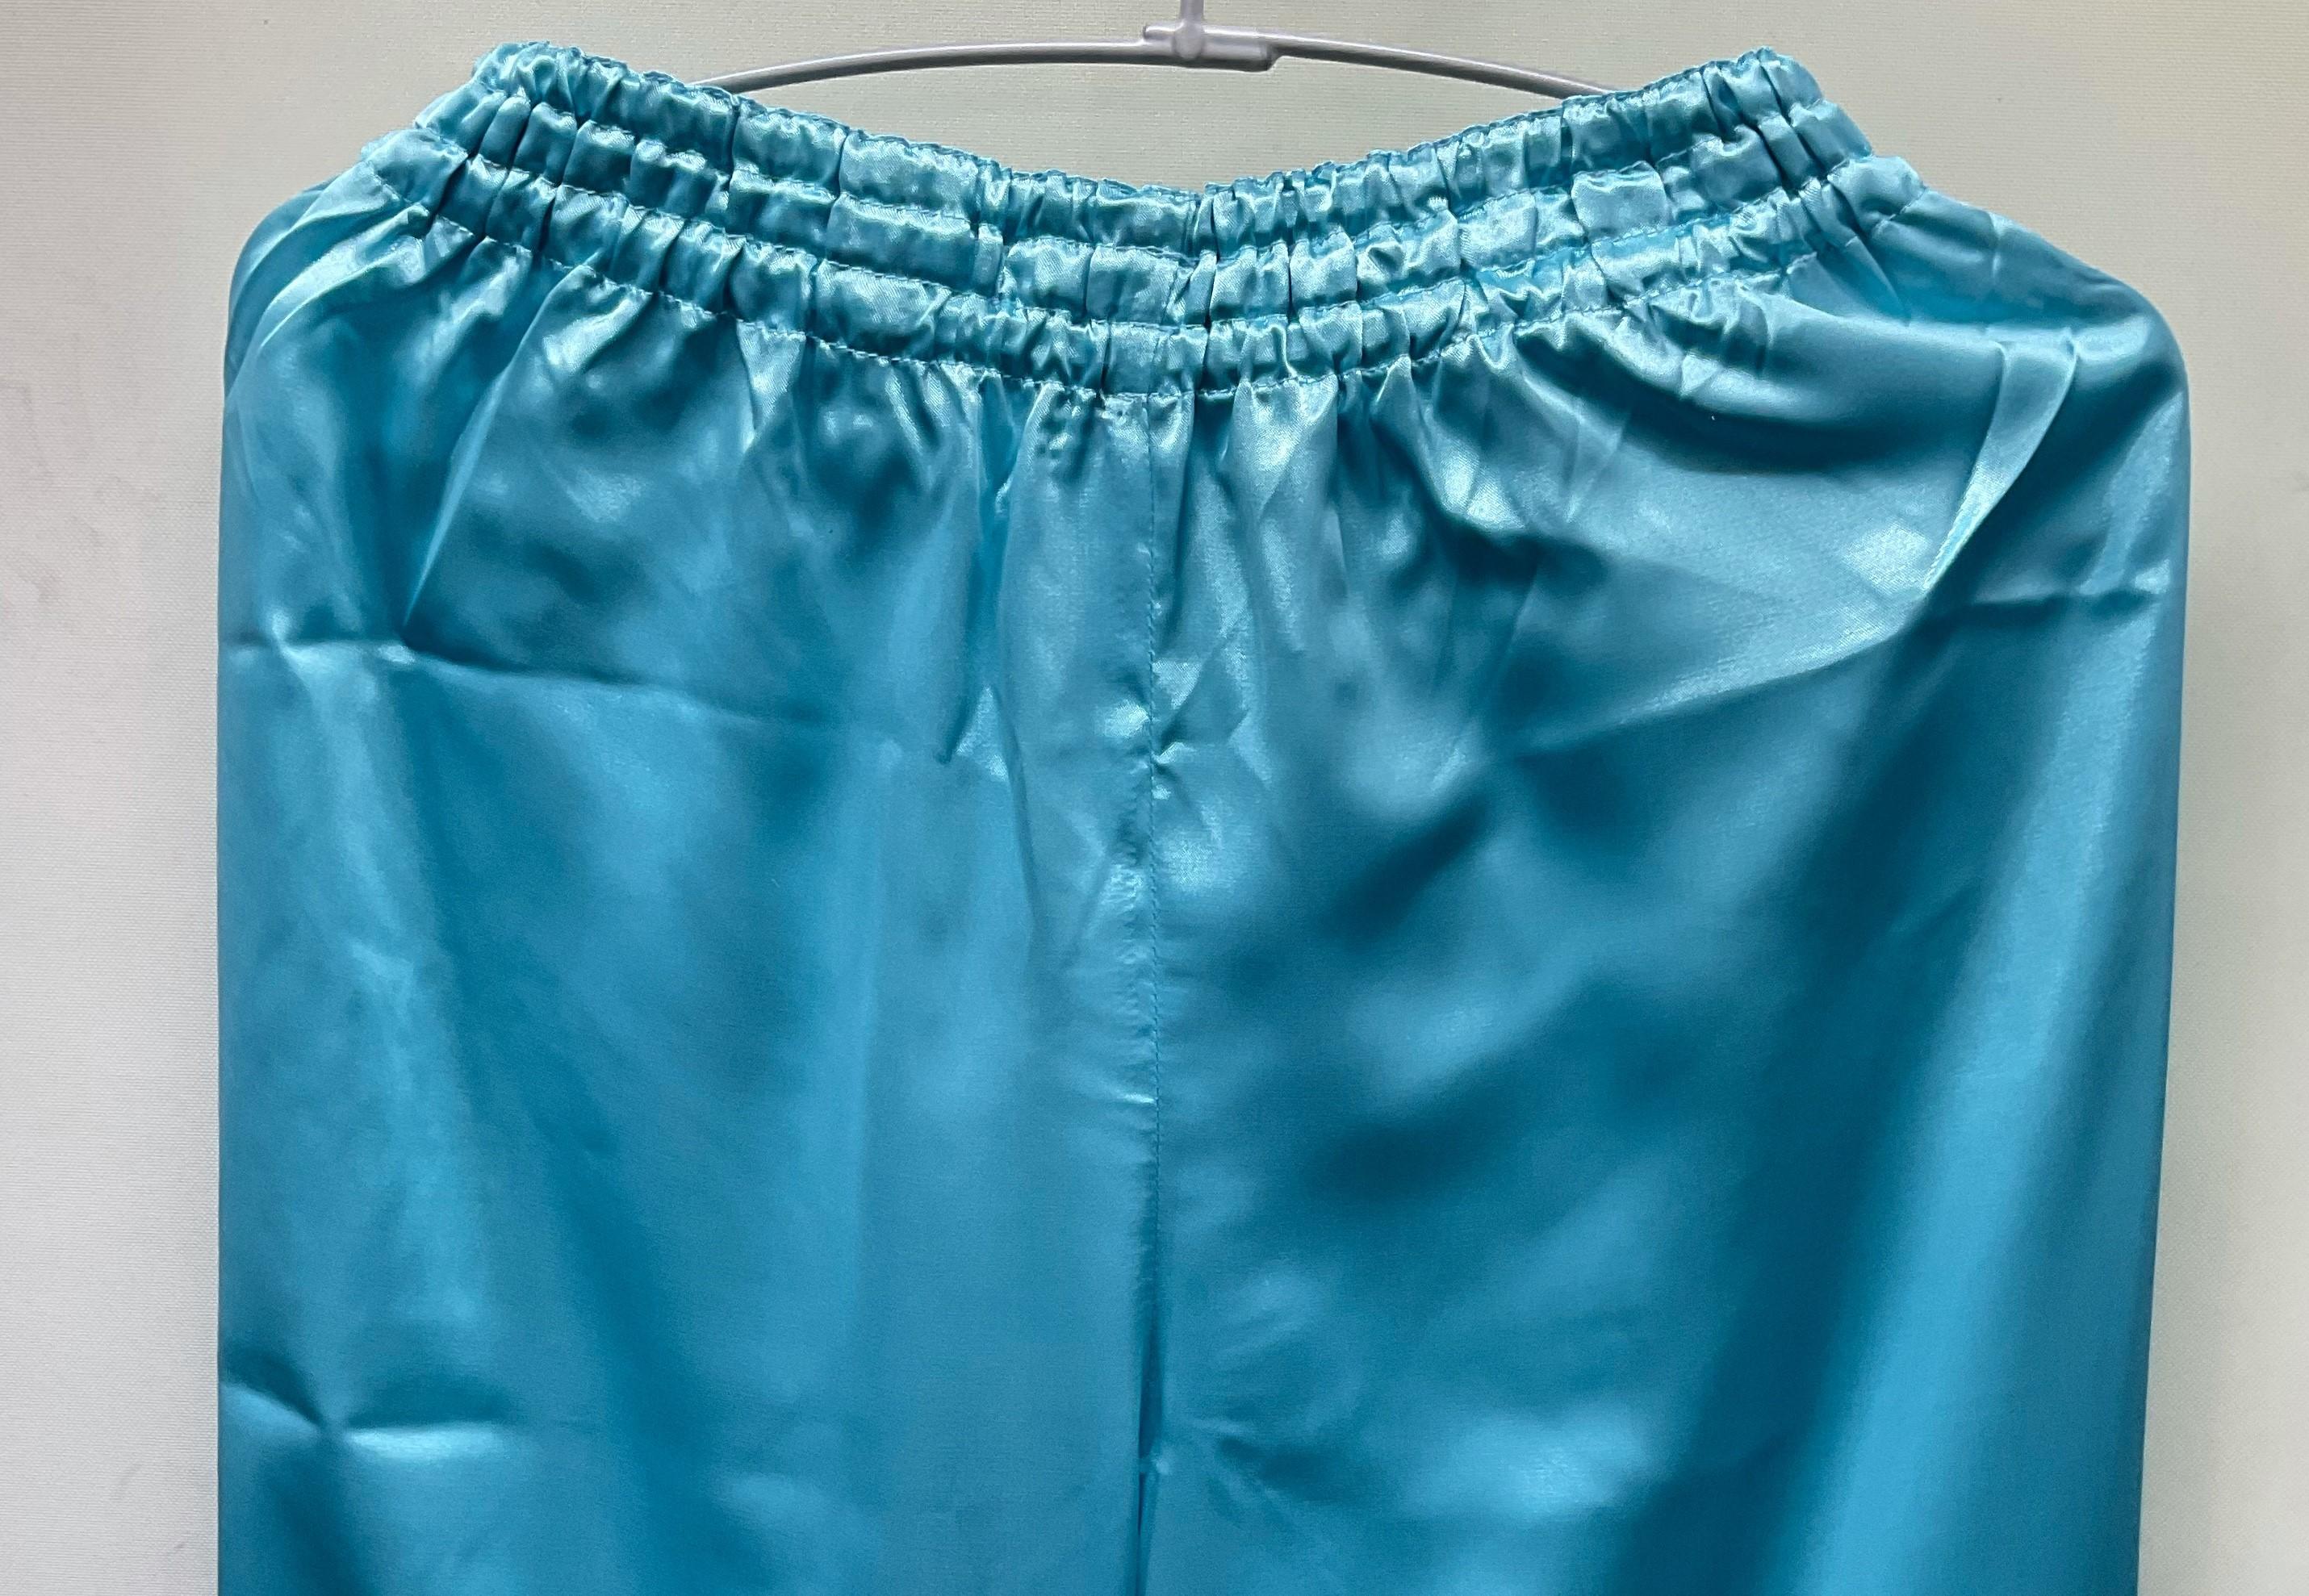 【ちょい傷特価】 サテン太極拳パンツ 水色(薄めのブルー)